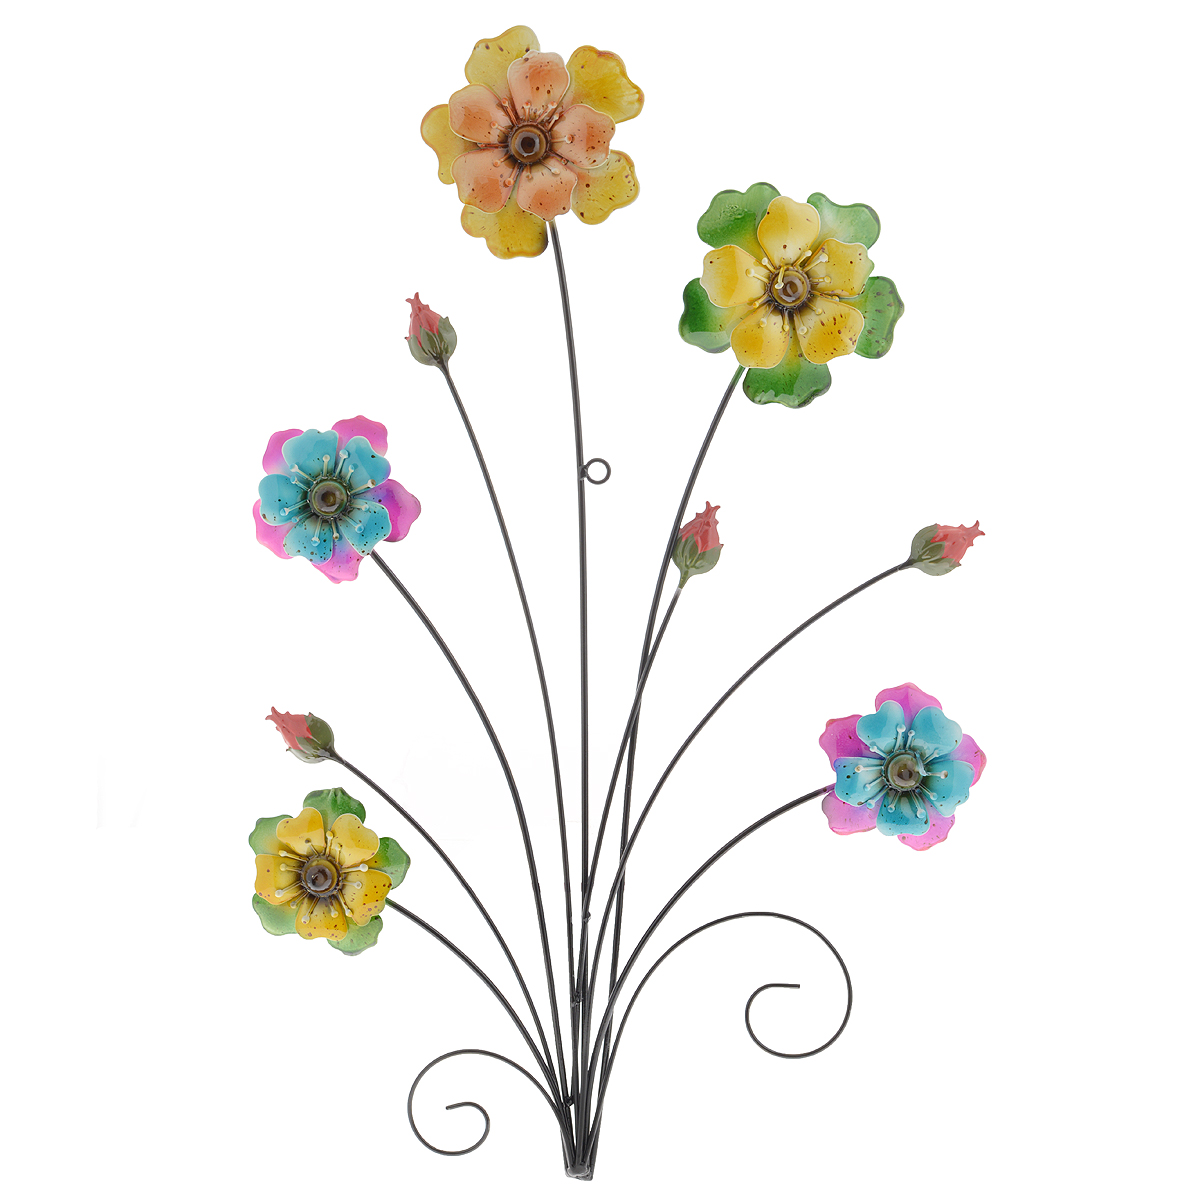 Панно декоративное настенное Molento Цветы. 576-063300146_желтый, осликДекоративное настенное панно Molento Цветы, изготовленное из металла, позволит вам украсить интерьер дома, рабочего кабинета или любого другого помещения оригинальным образом. Изделие выполнено в виде букета из ярких цветов разных размеров. Панно имеет рельефную поверхность и оснащено специальным отверстием для подвешивания.С таким панно вы сможете не просто внести в интерьер элемент оригинальности, но и создать атмосферу загадочности и изысканности.